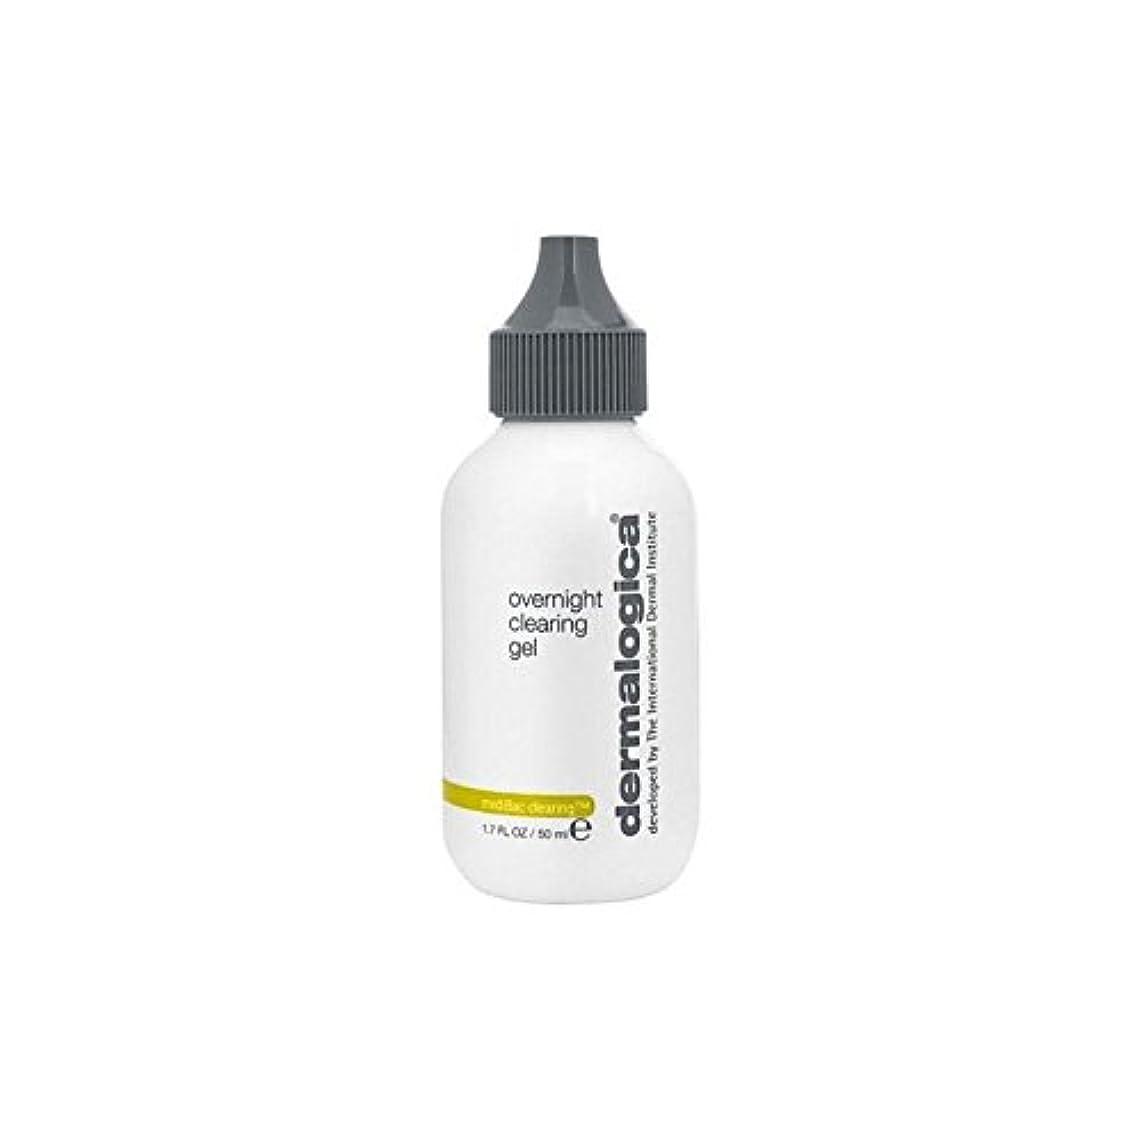 登録オーストラリア人くすぐったいダーマロジカ一晩透明ゲル(50)中 x4 - Dermalogica Medibac Overnight Clearing Gel (50ml) (Pack of 4) [並行輸入品]